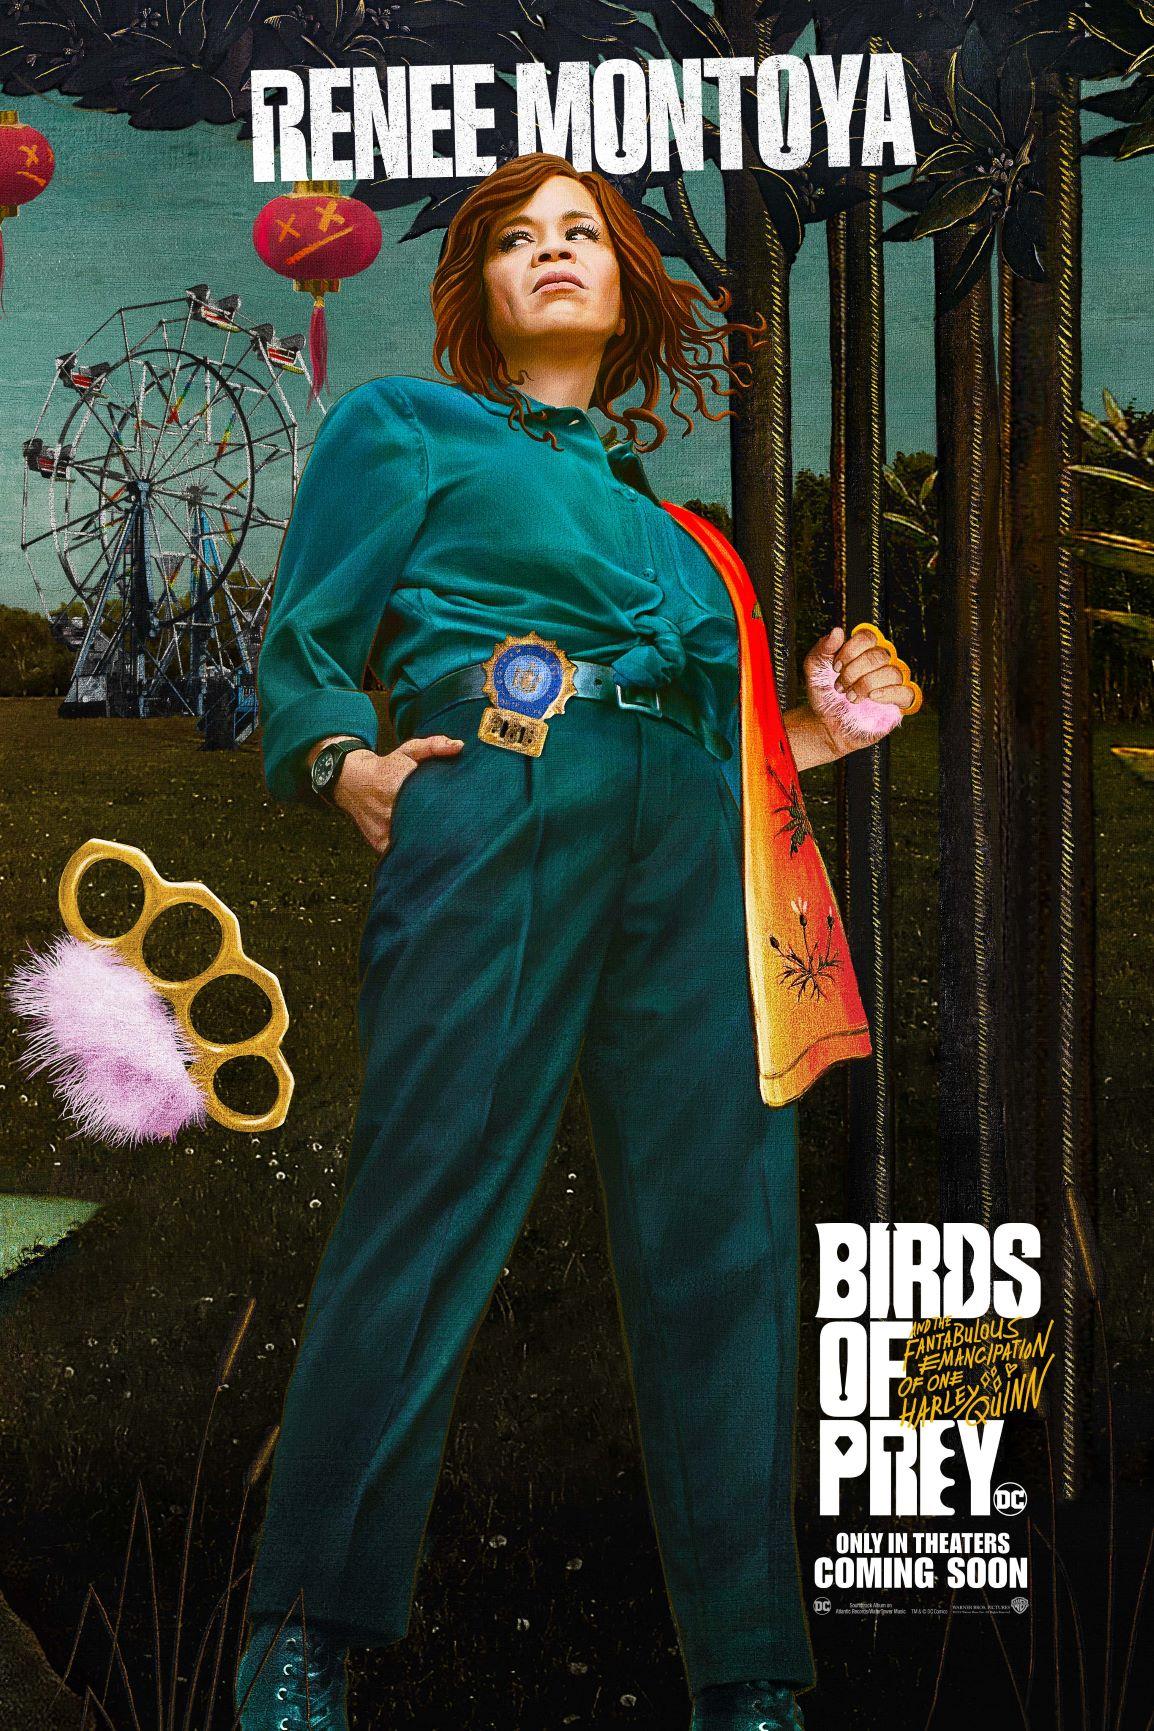 電影主海報翻玩世界名畫《維納斯的誕生》致敬愛與美的女神